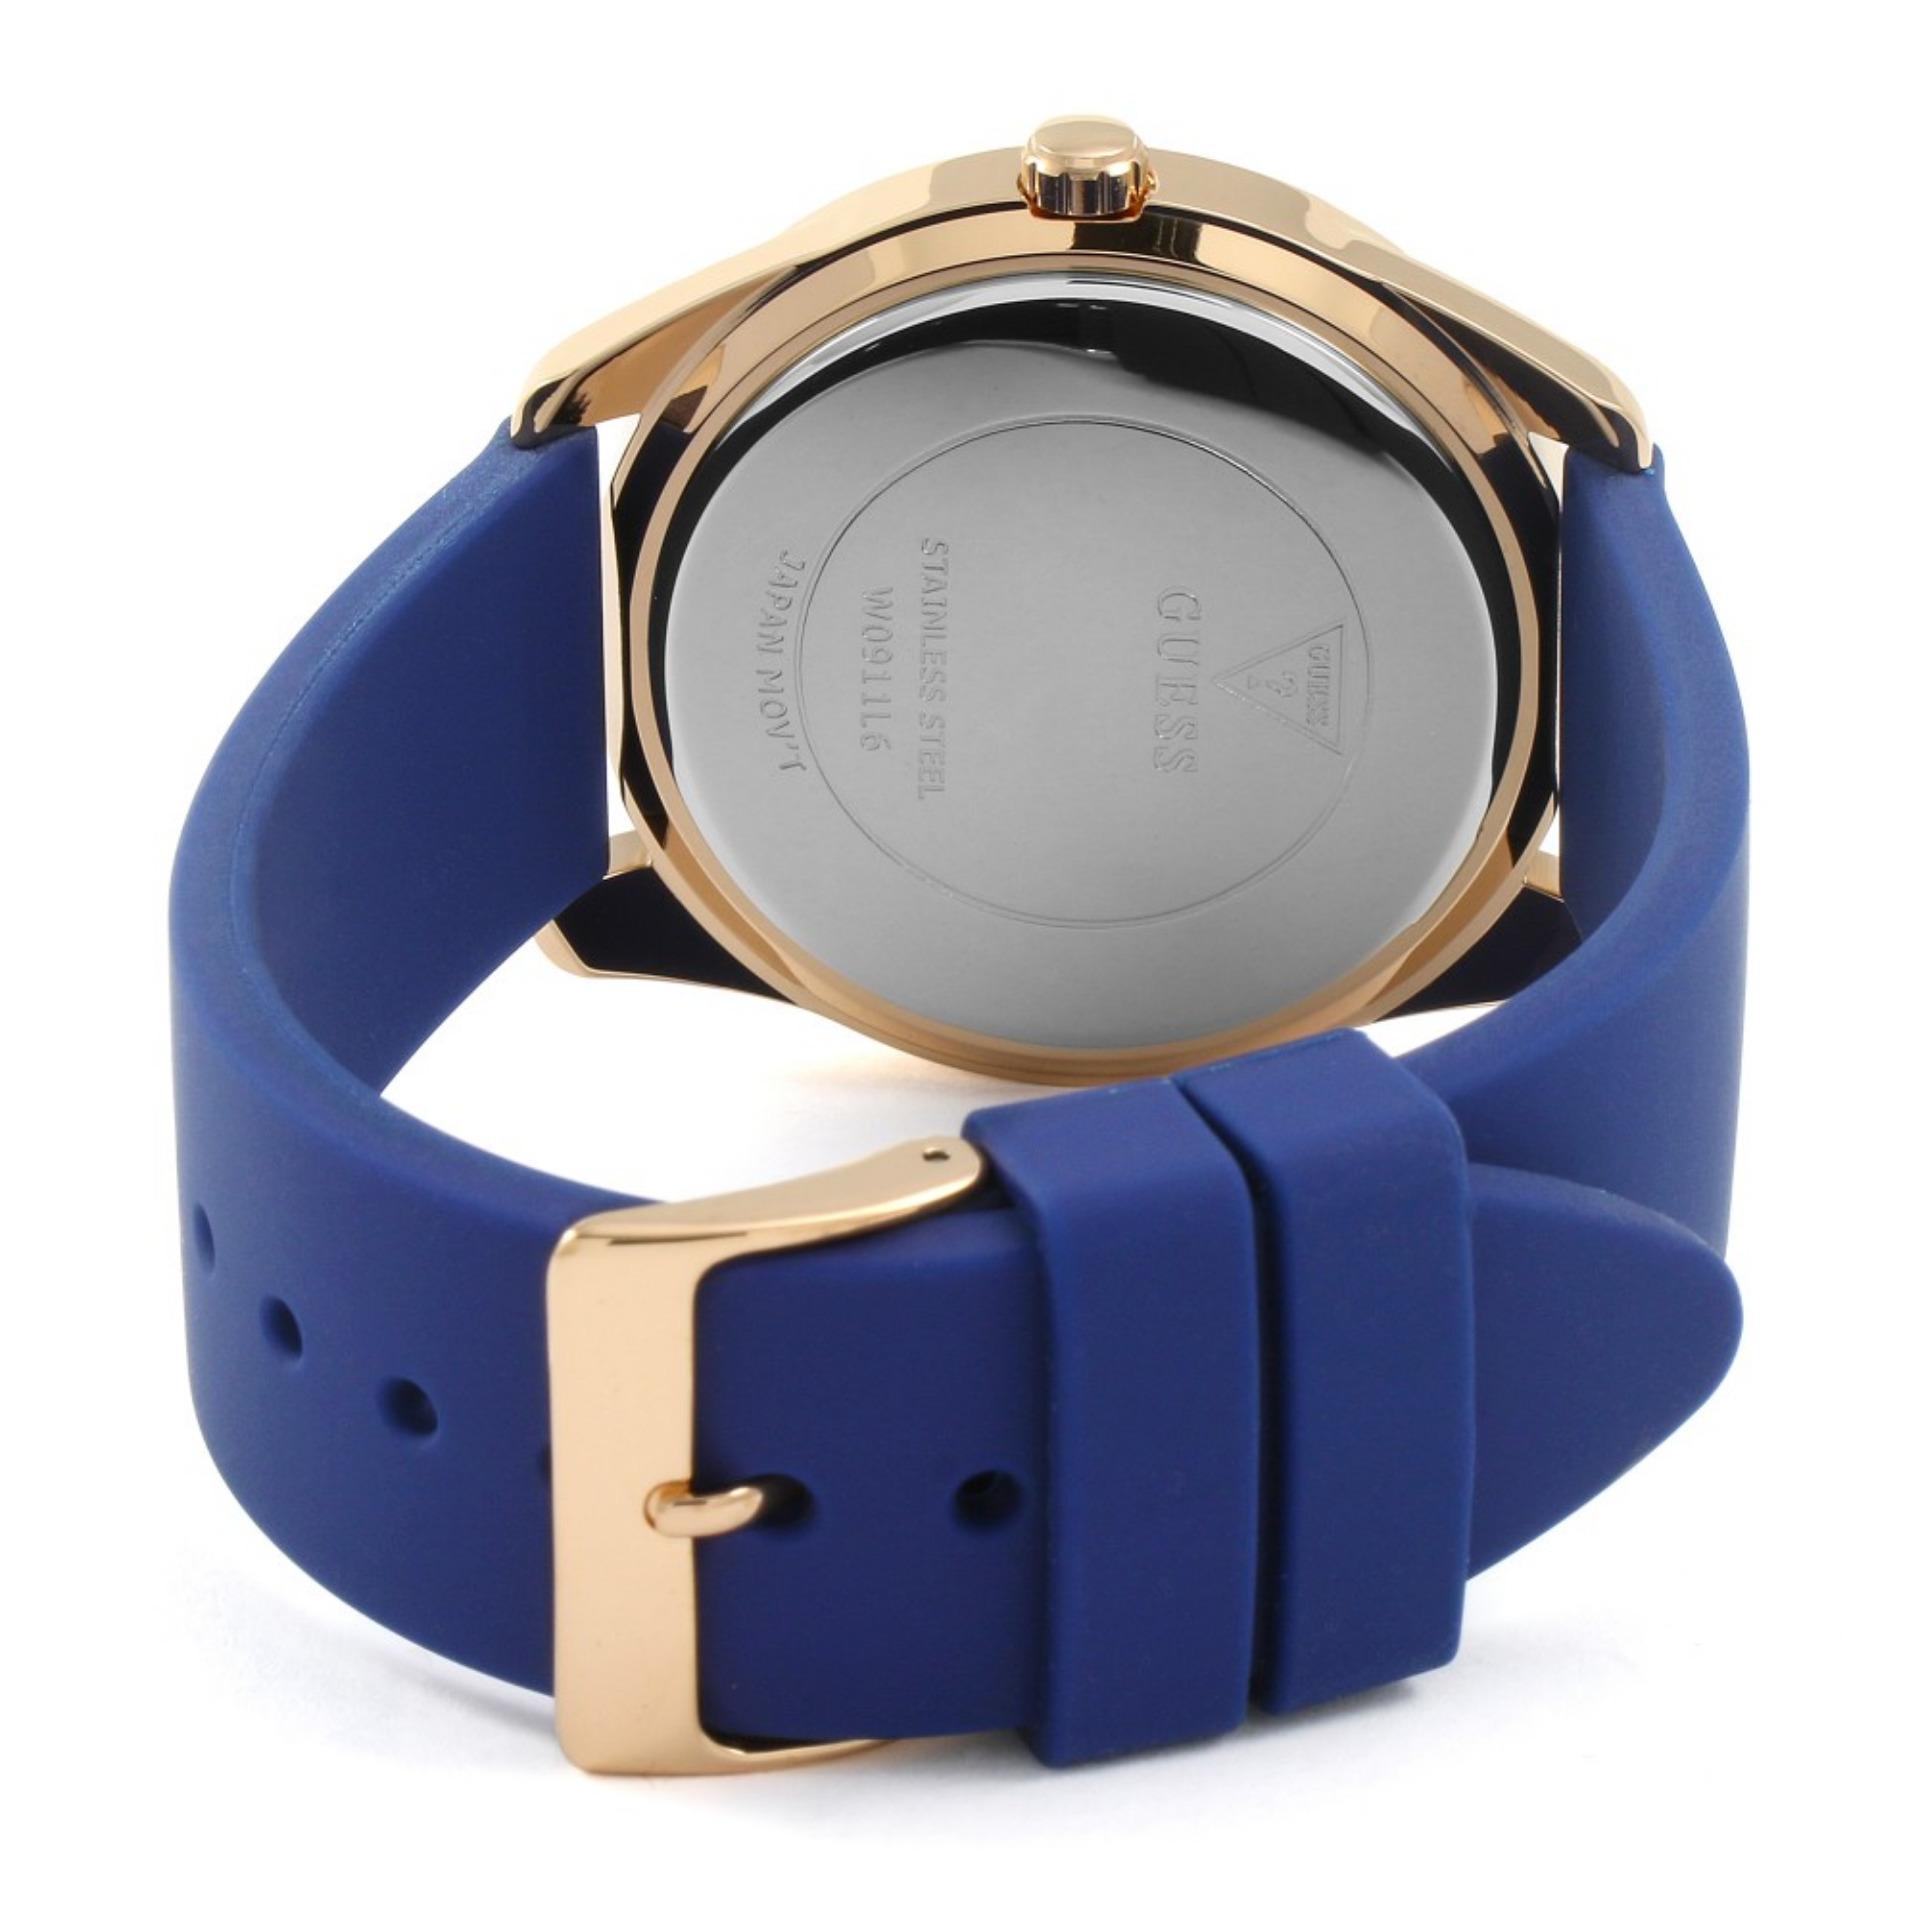 Bandingkan Simpan Guess Jam Tangan Wanita W0911l6 G Twist Blue W0335l3 Multifunction Rosegold Stainless Steel Silicone Watch